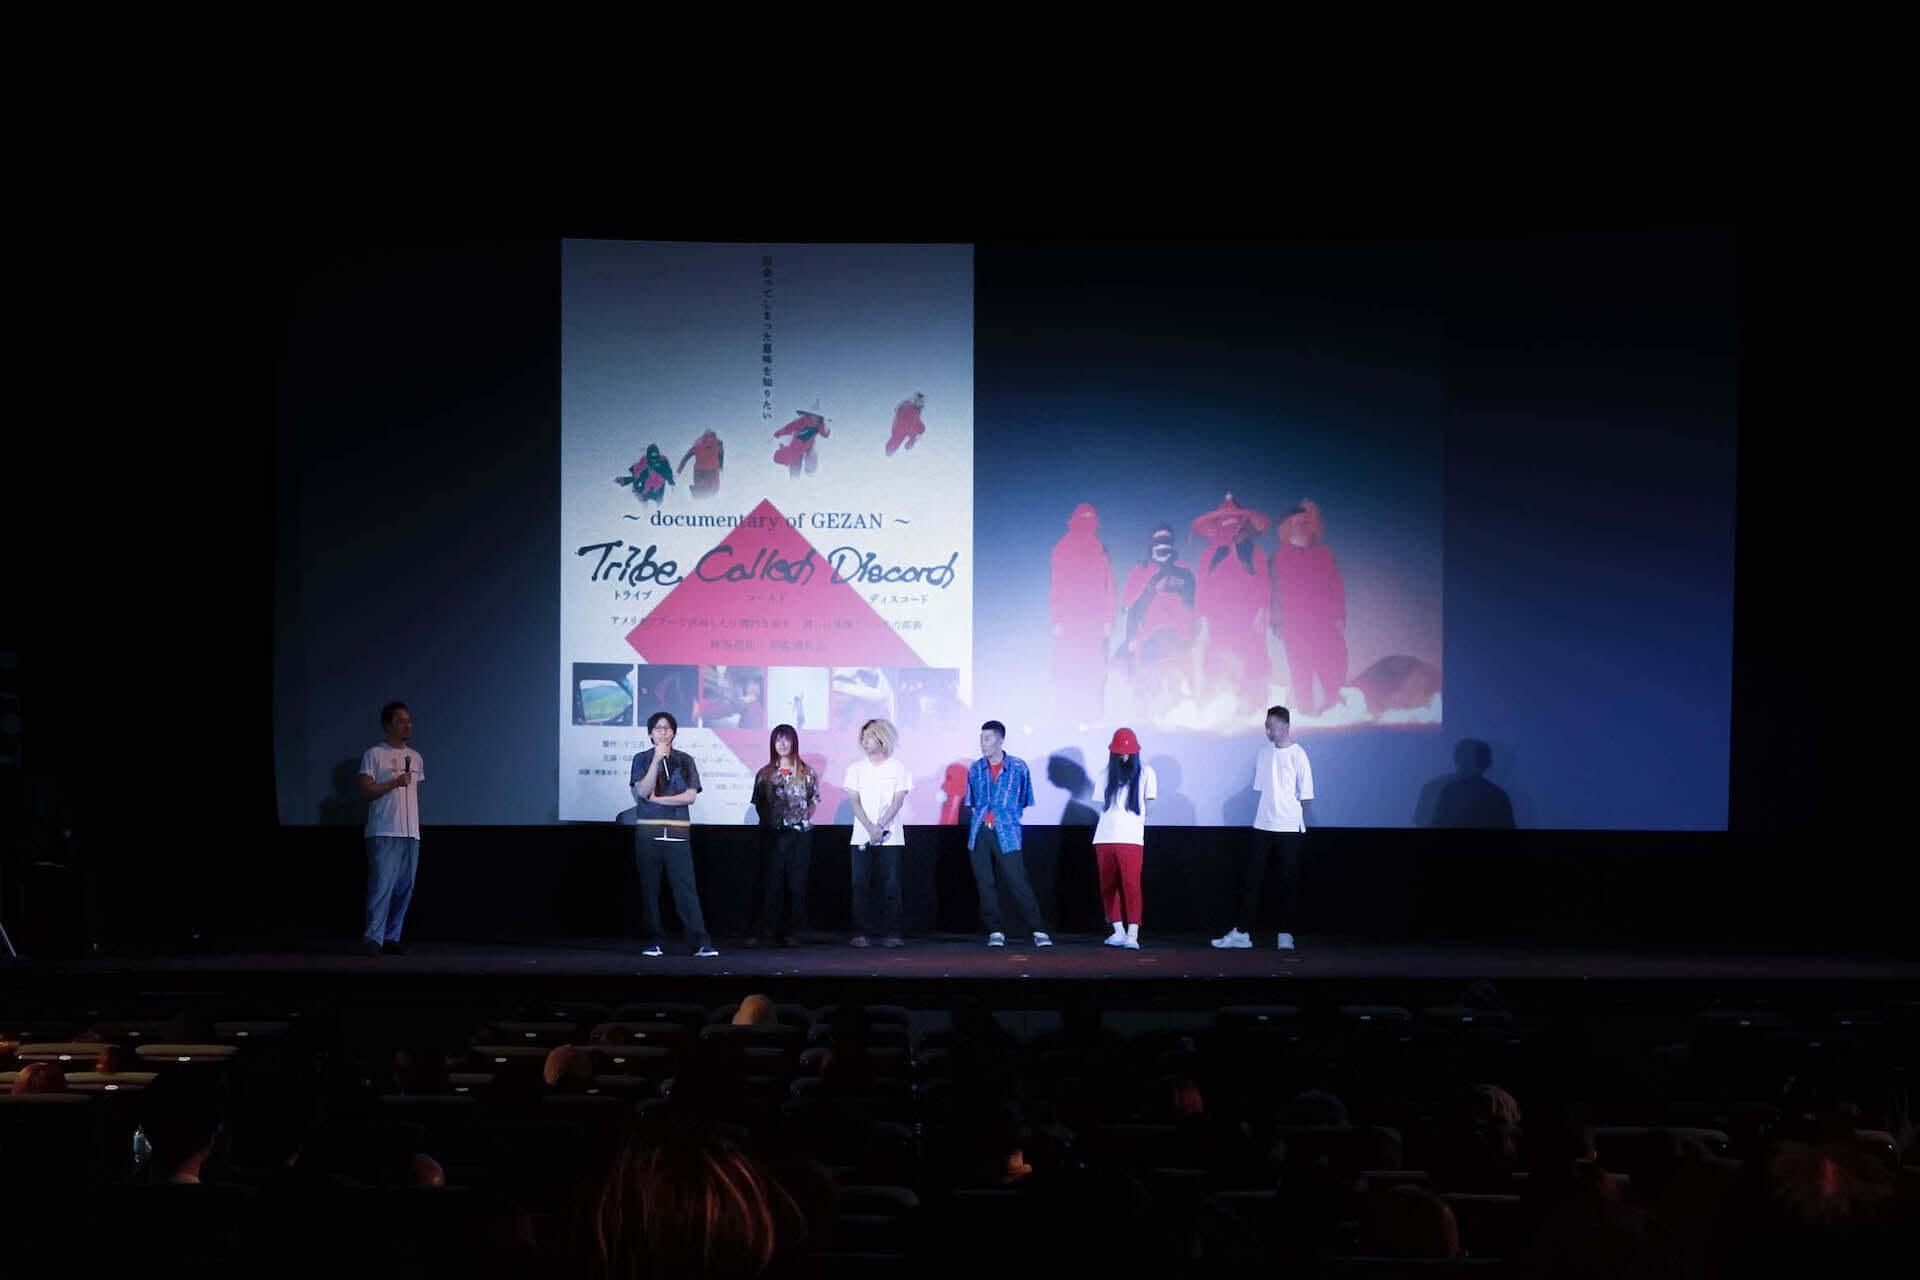 """""""投げ銭上映""""が話題を呼んだ『Tribe Called Discord:Documentary of GEZAN』公開初日からの5日間の軌跡 film190627_gezan_main-1920x1280"""